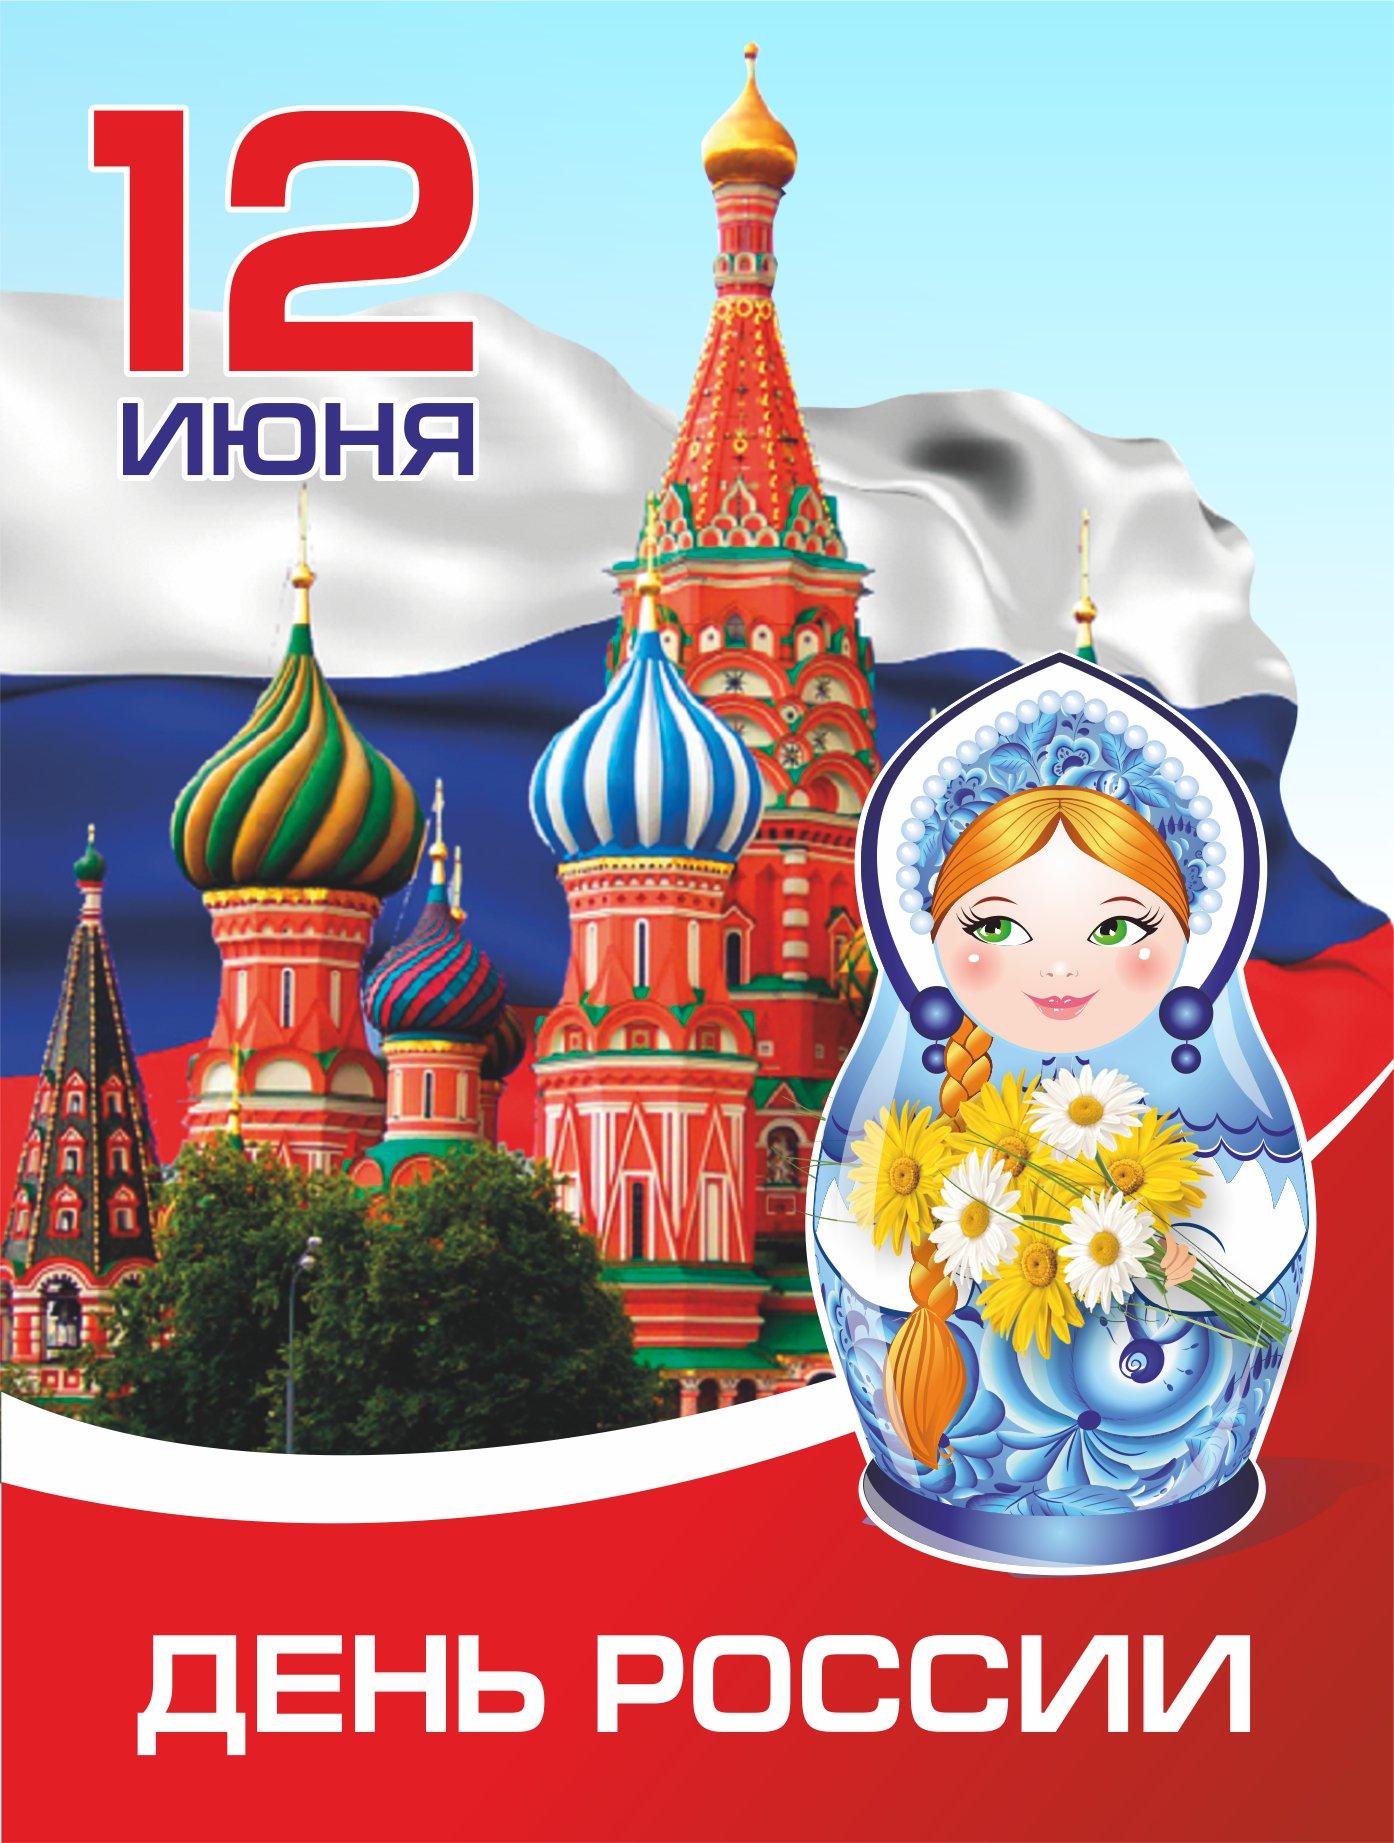 Картинка с днем россии для детей, поздравить музыкальной